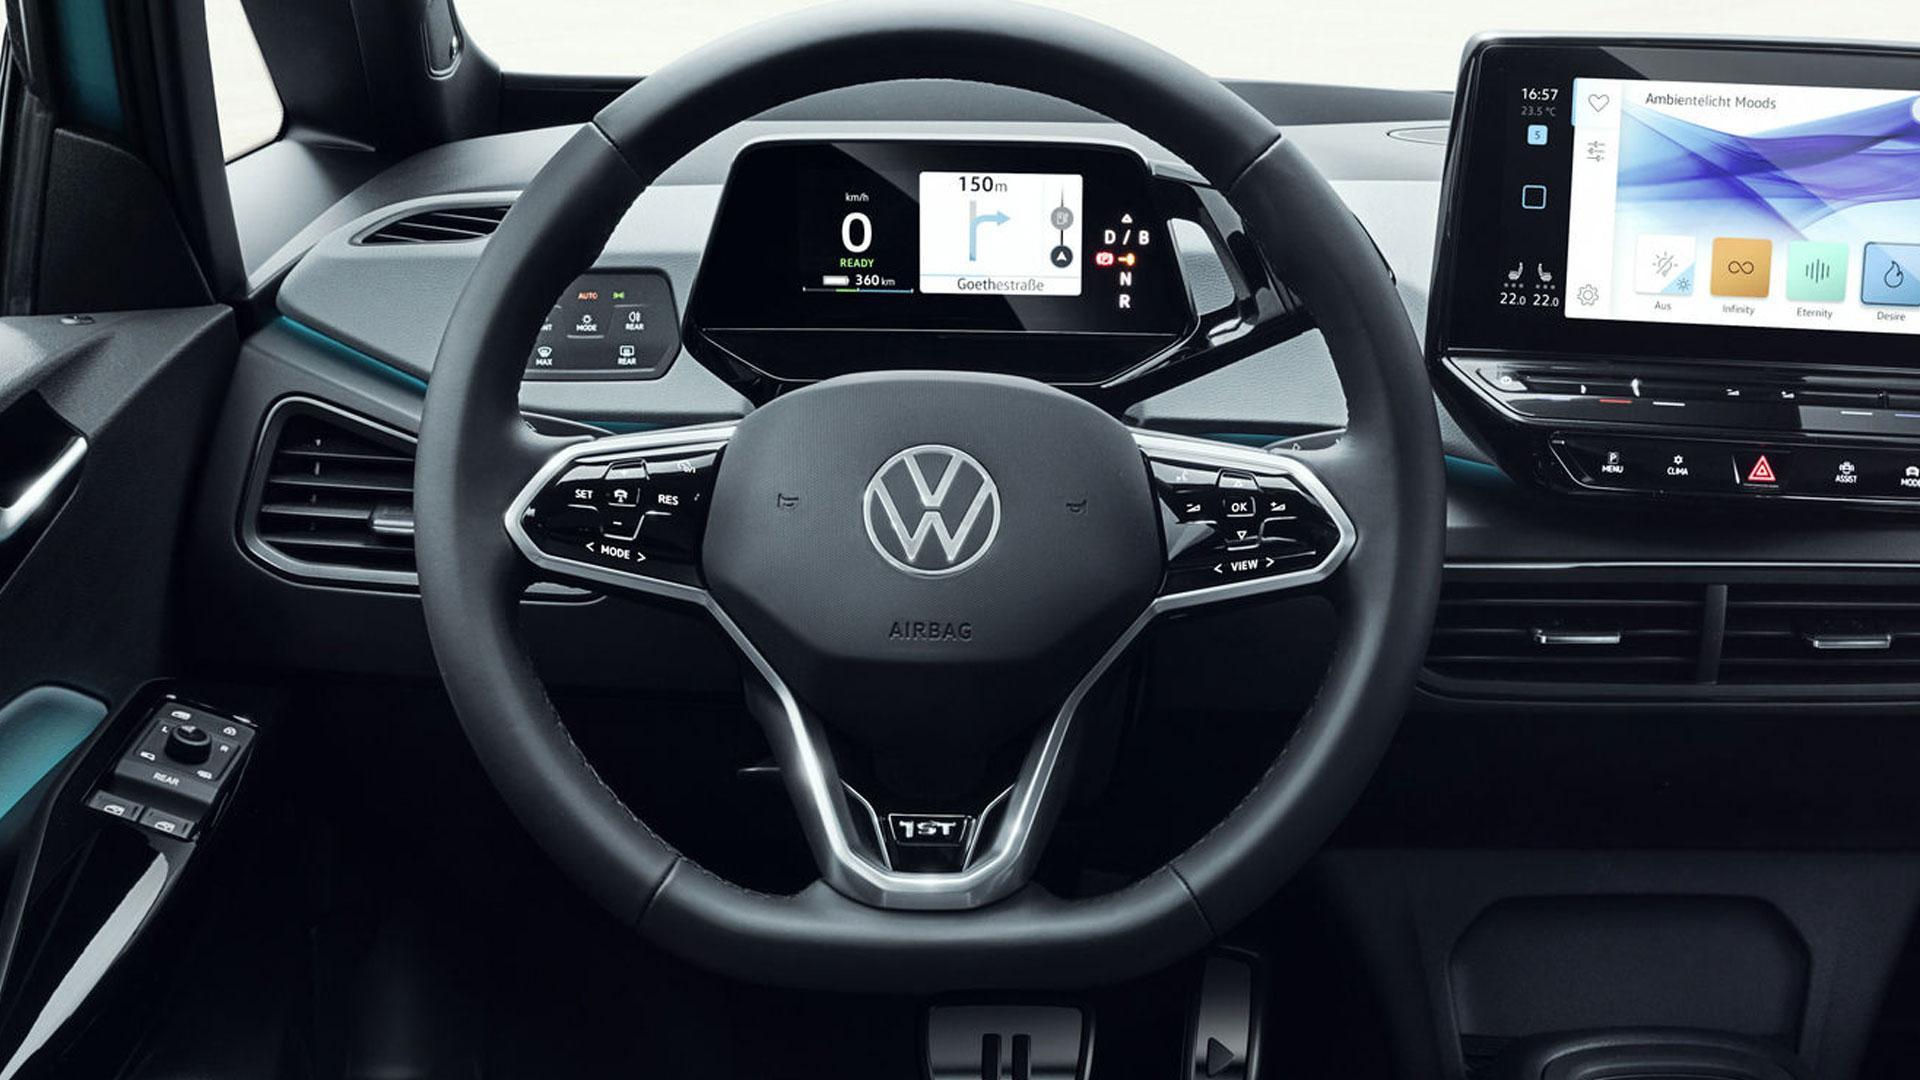 nieuw volkswagen-logo stuur